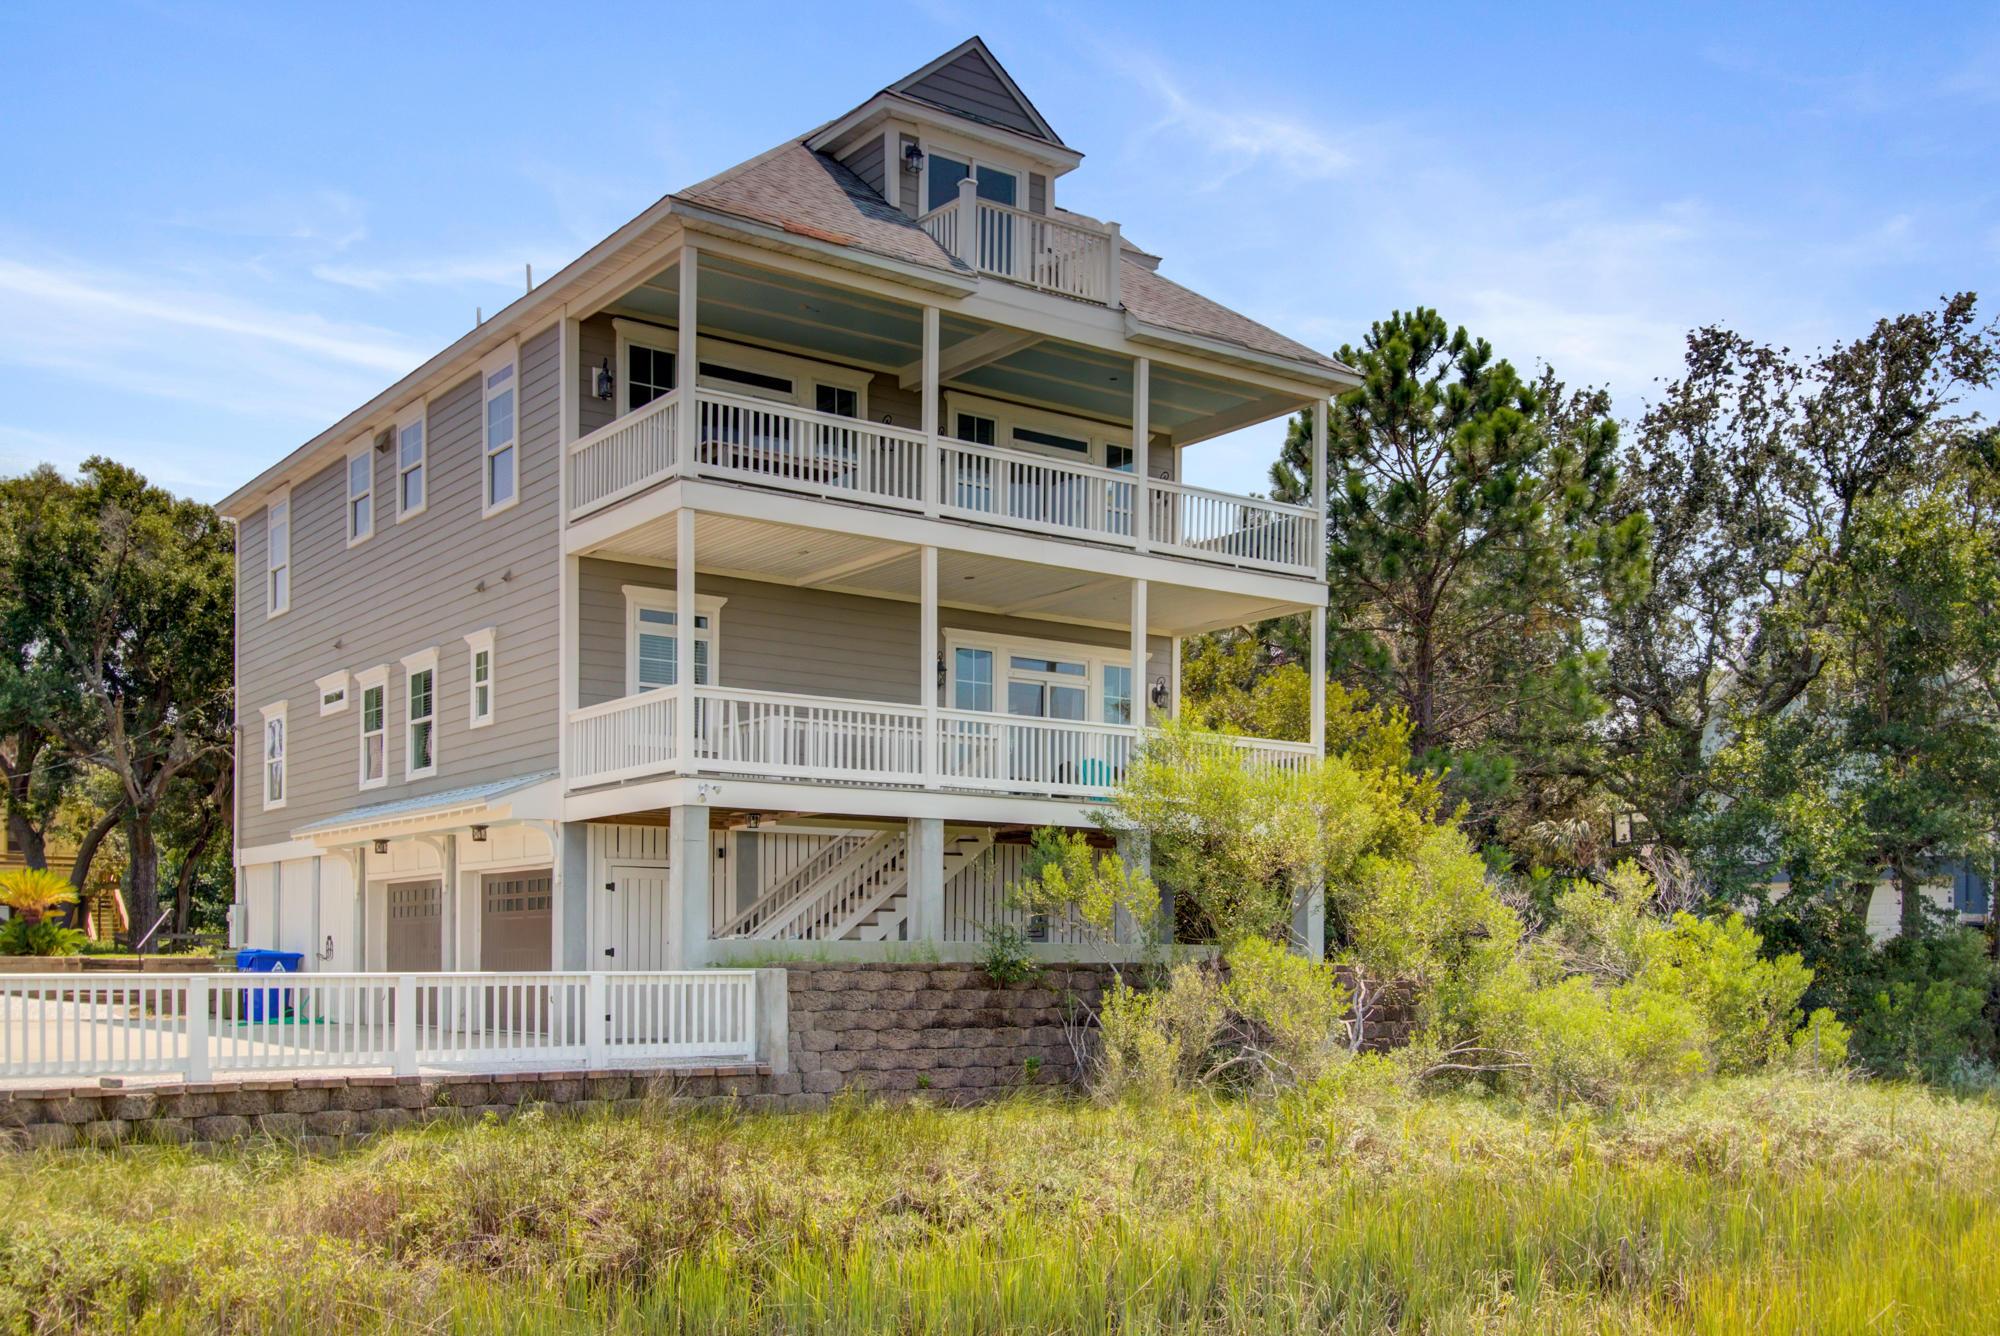 Folly Beach Homes For Sale - 616 Erie, Folly Beach, SC - 61